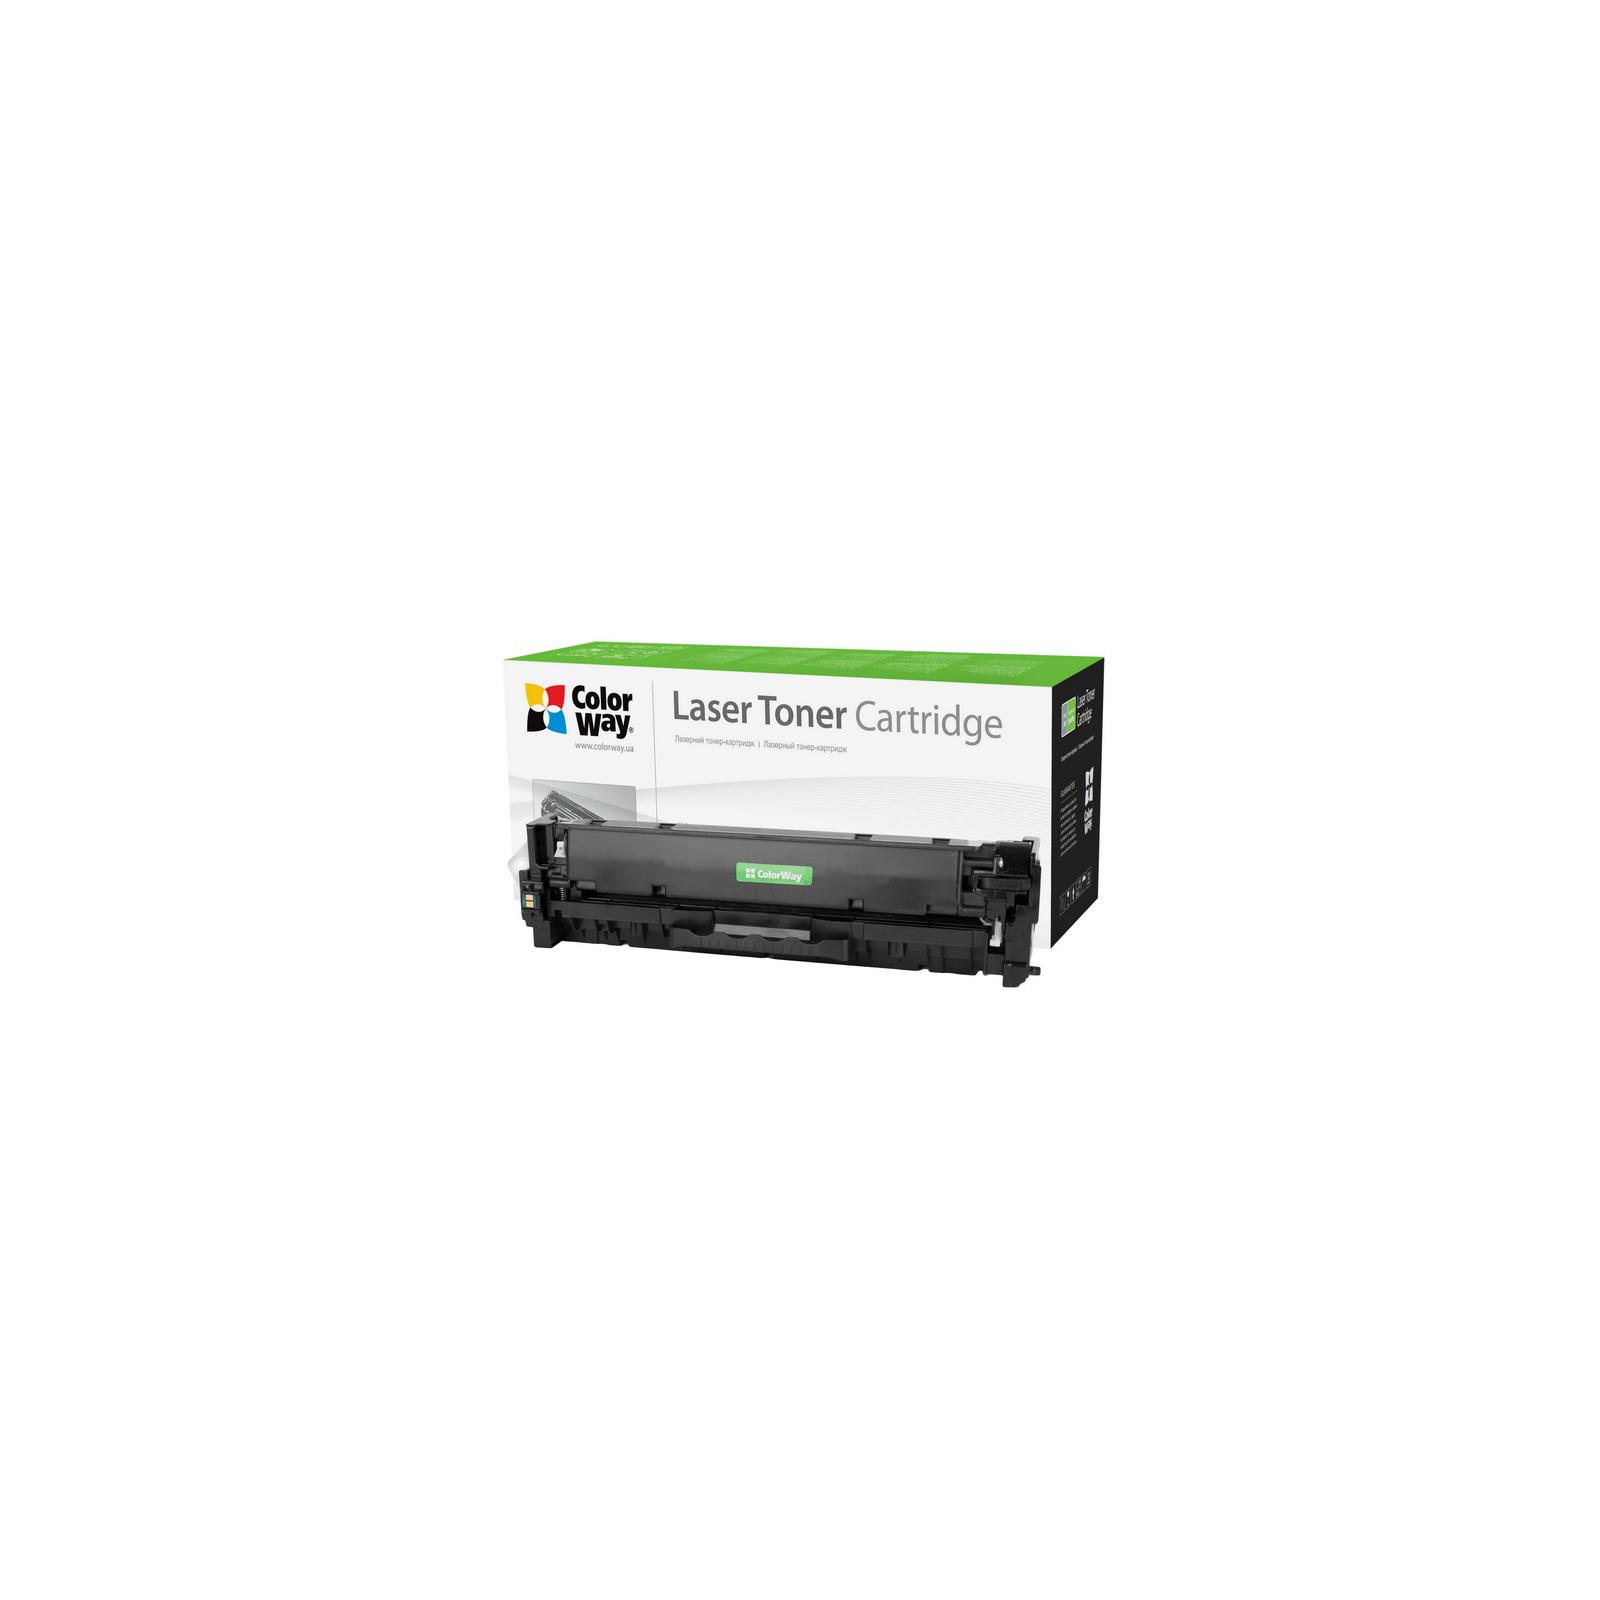 Картридж ColorWay для CANON 718 (HP СС532A) yellow LBP-7200/MF-8330/8350 (CW-C718YM)